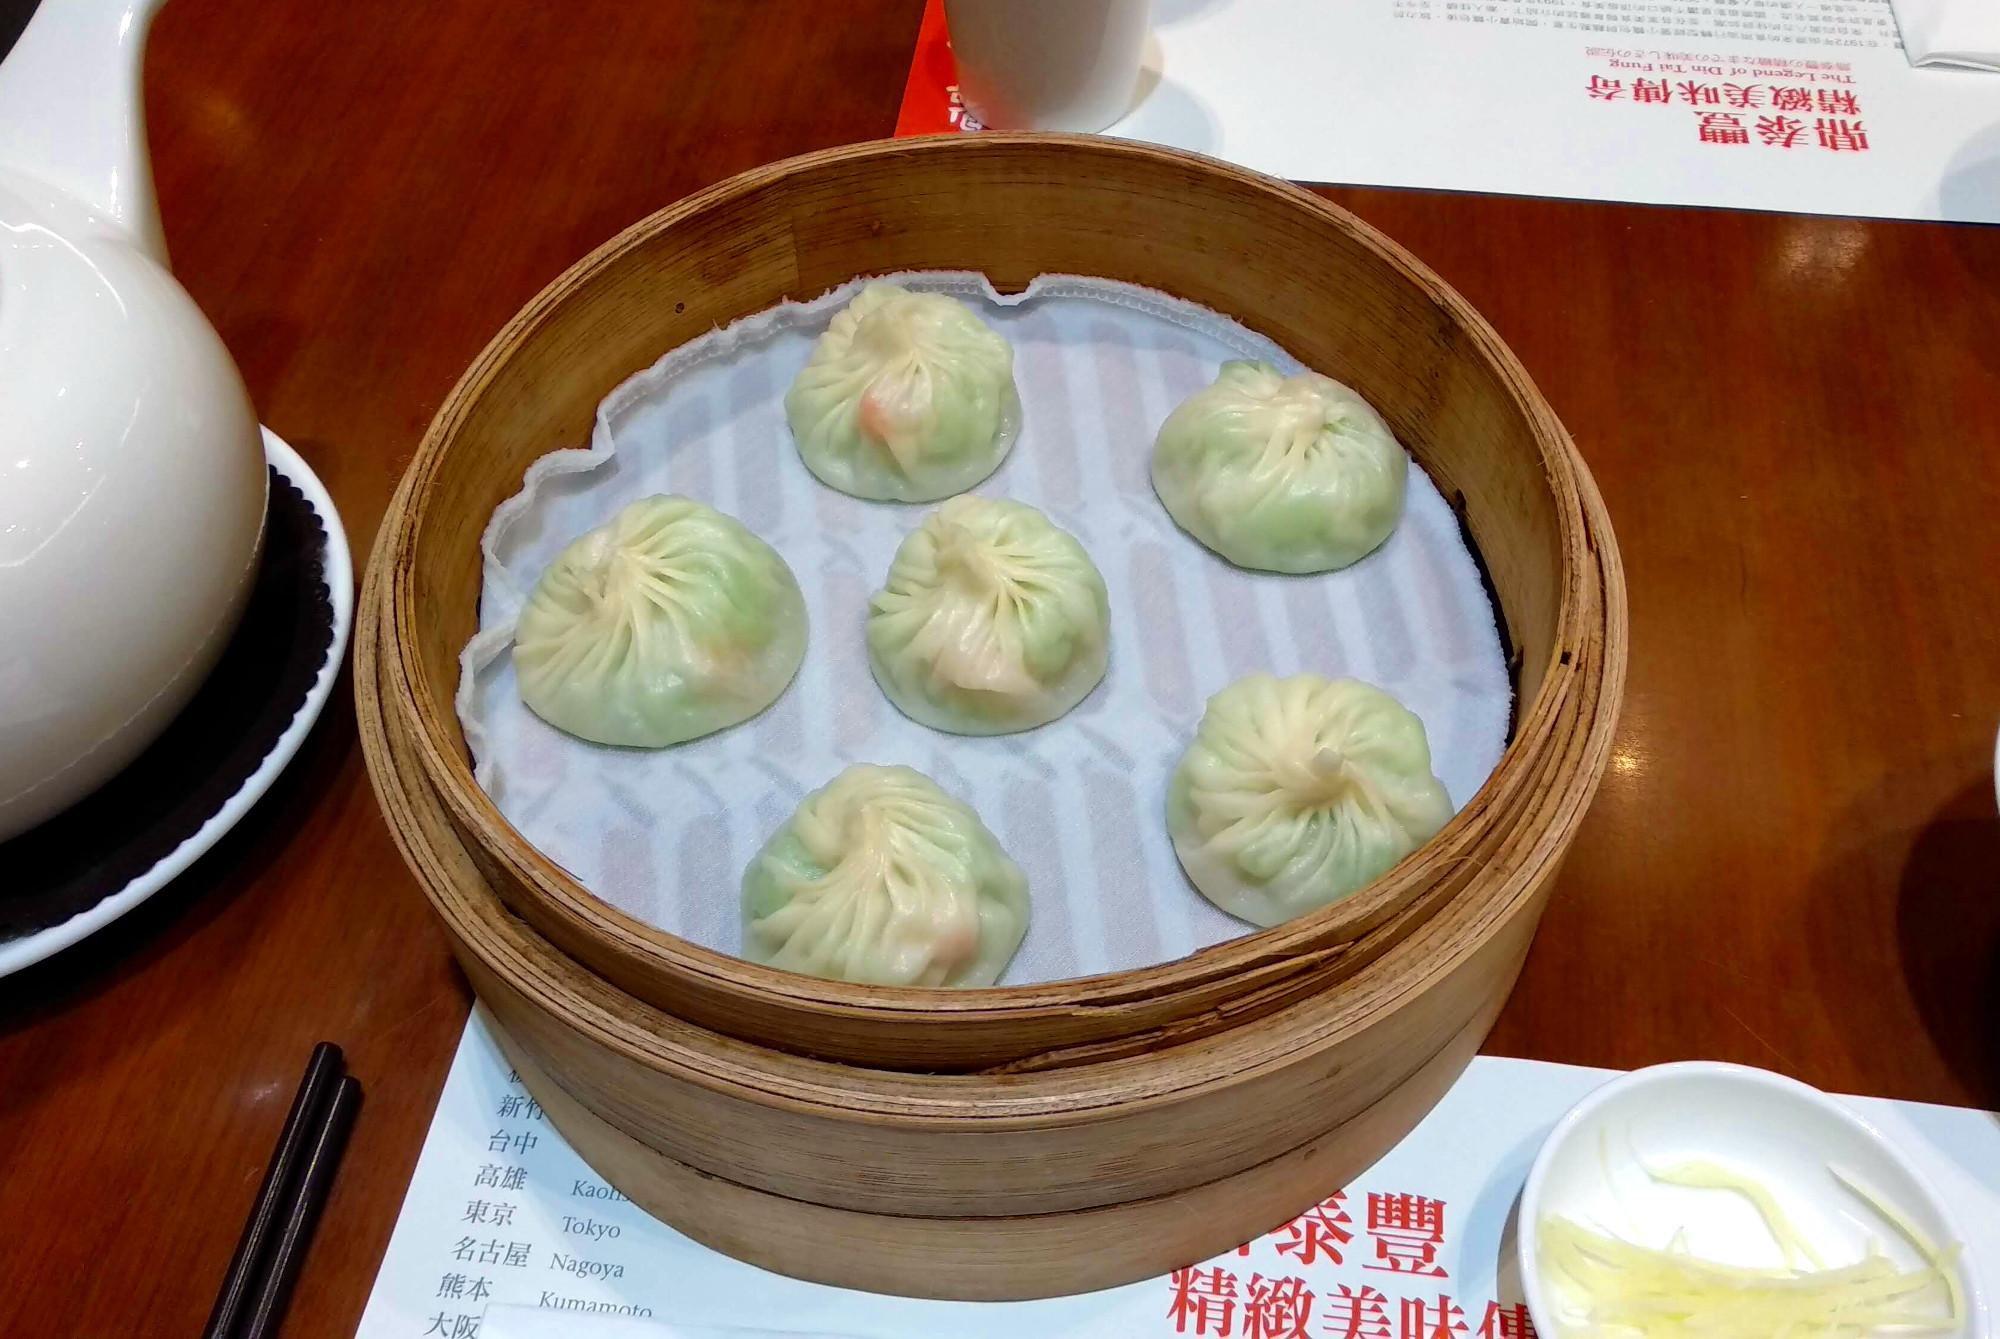 Dumplings Din Tai Fung